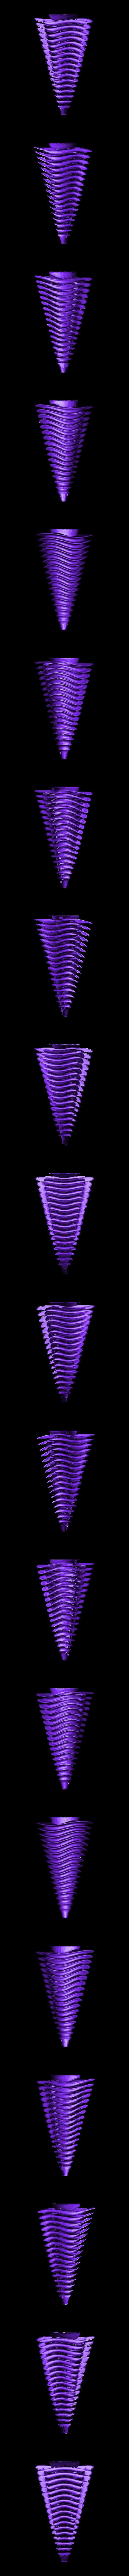 MiniTree.stl Télécharger fichier STL gratuit Sapin de Noël - Ornement d'arbre de Noël • Design à imprimer en 3D, Gophy